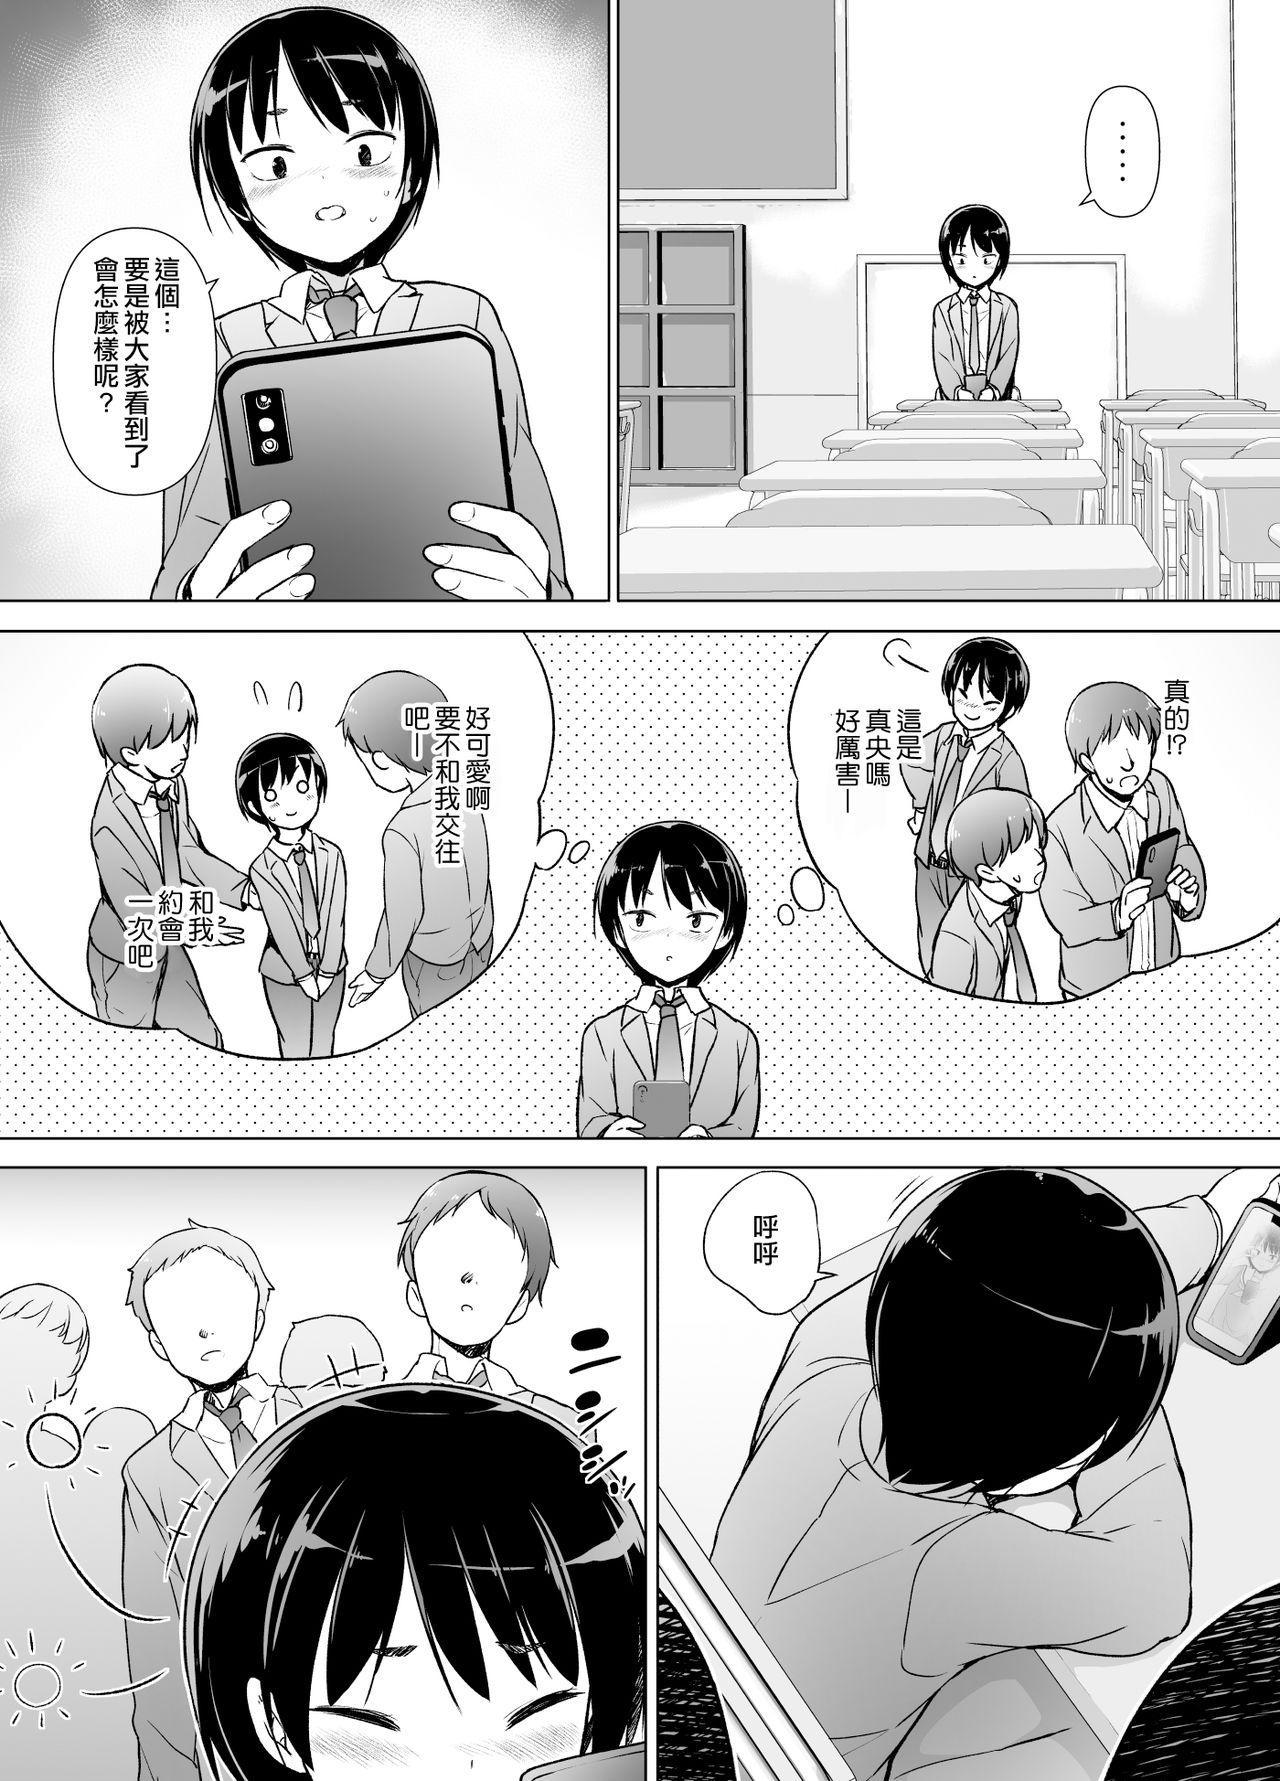 Josoukko no Boku wa Tonari no Oji-san no Mono ni Naru 9